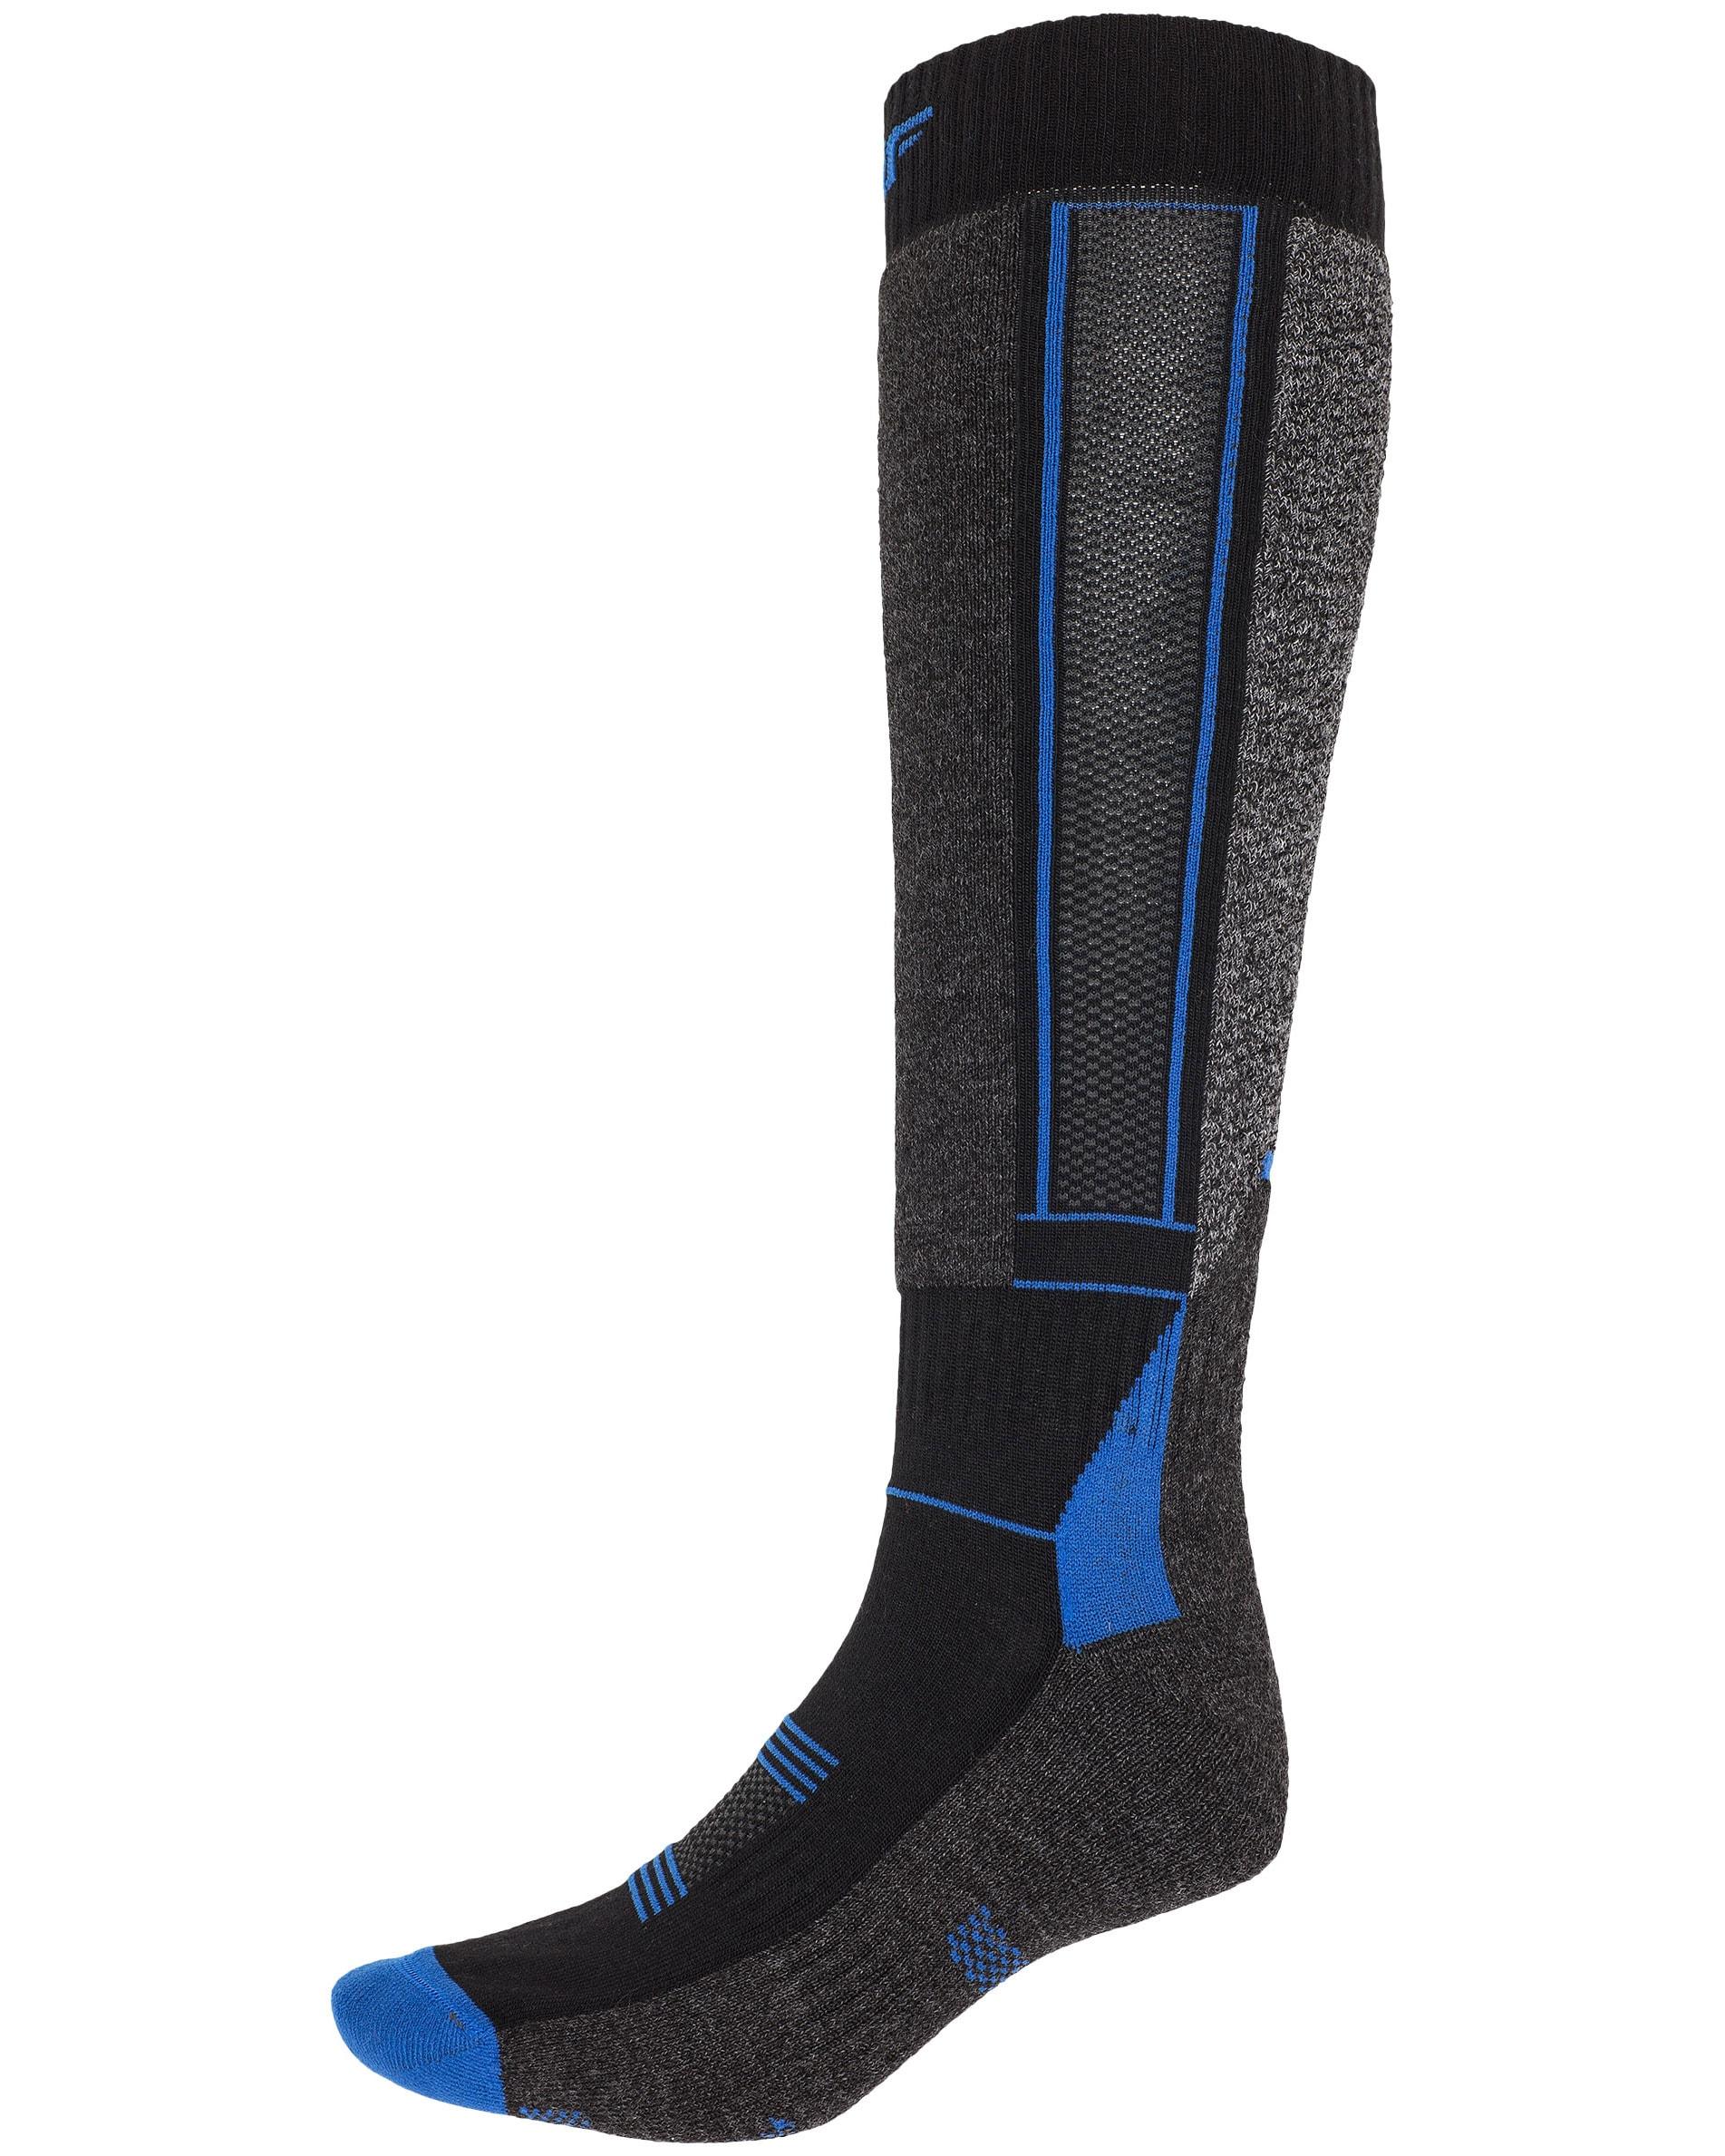 4F Ski Socks - Dark Gray Melange